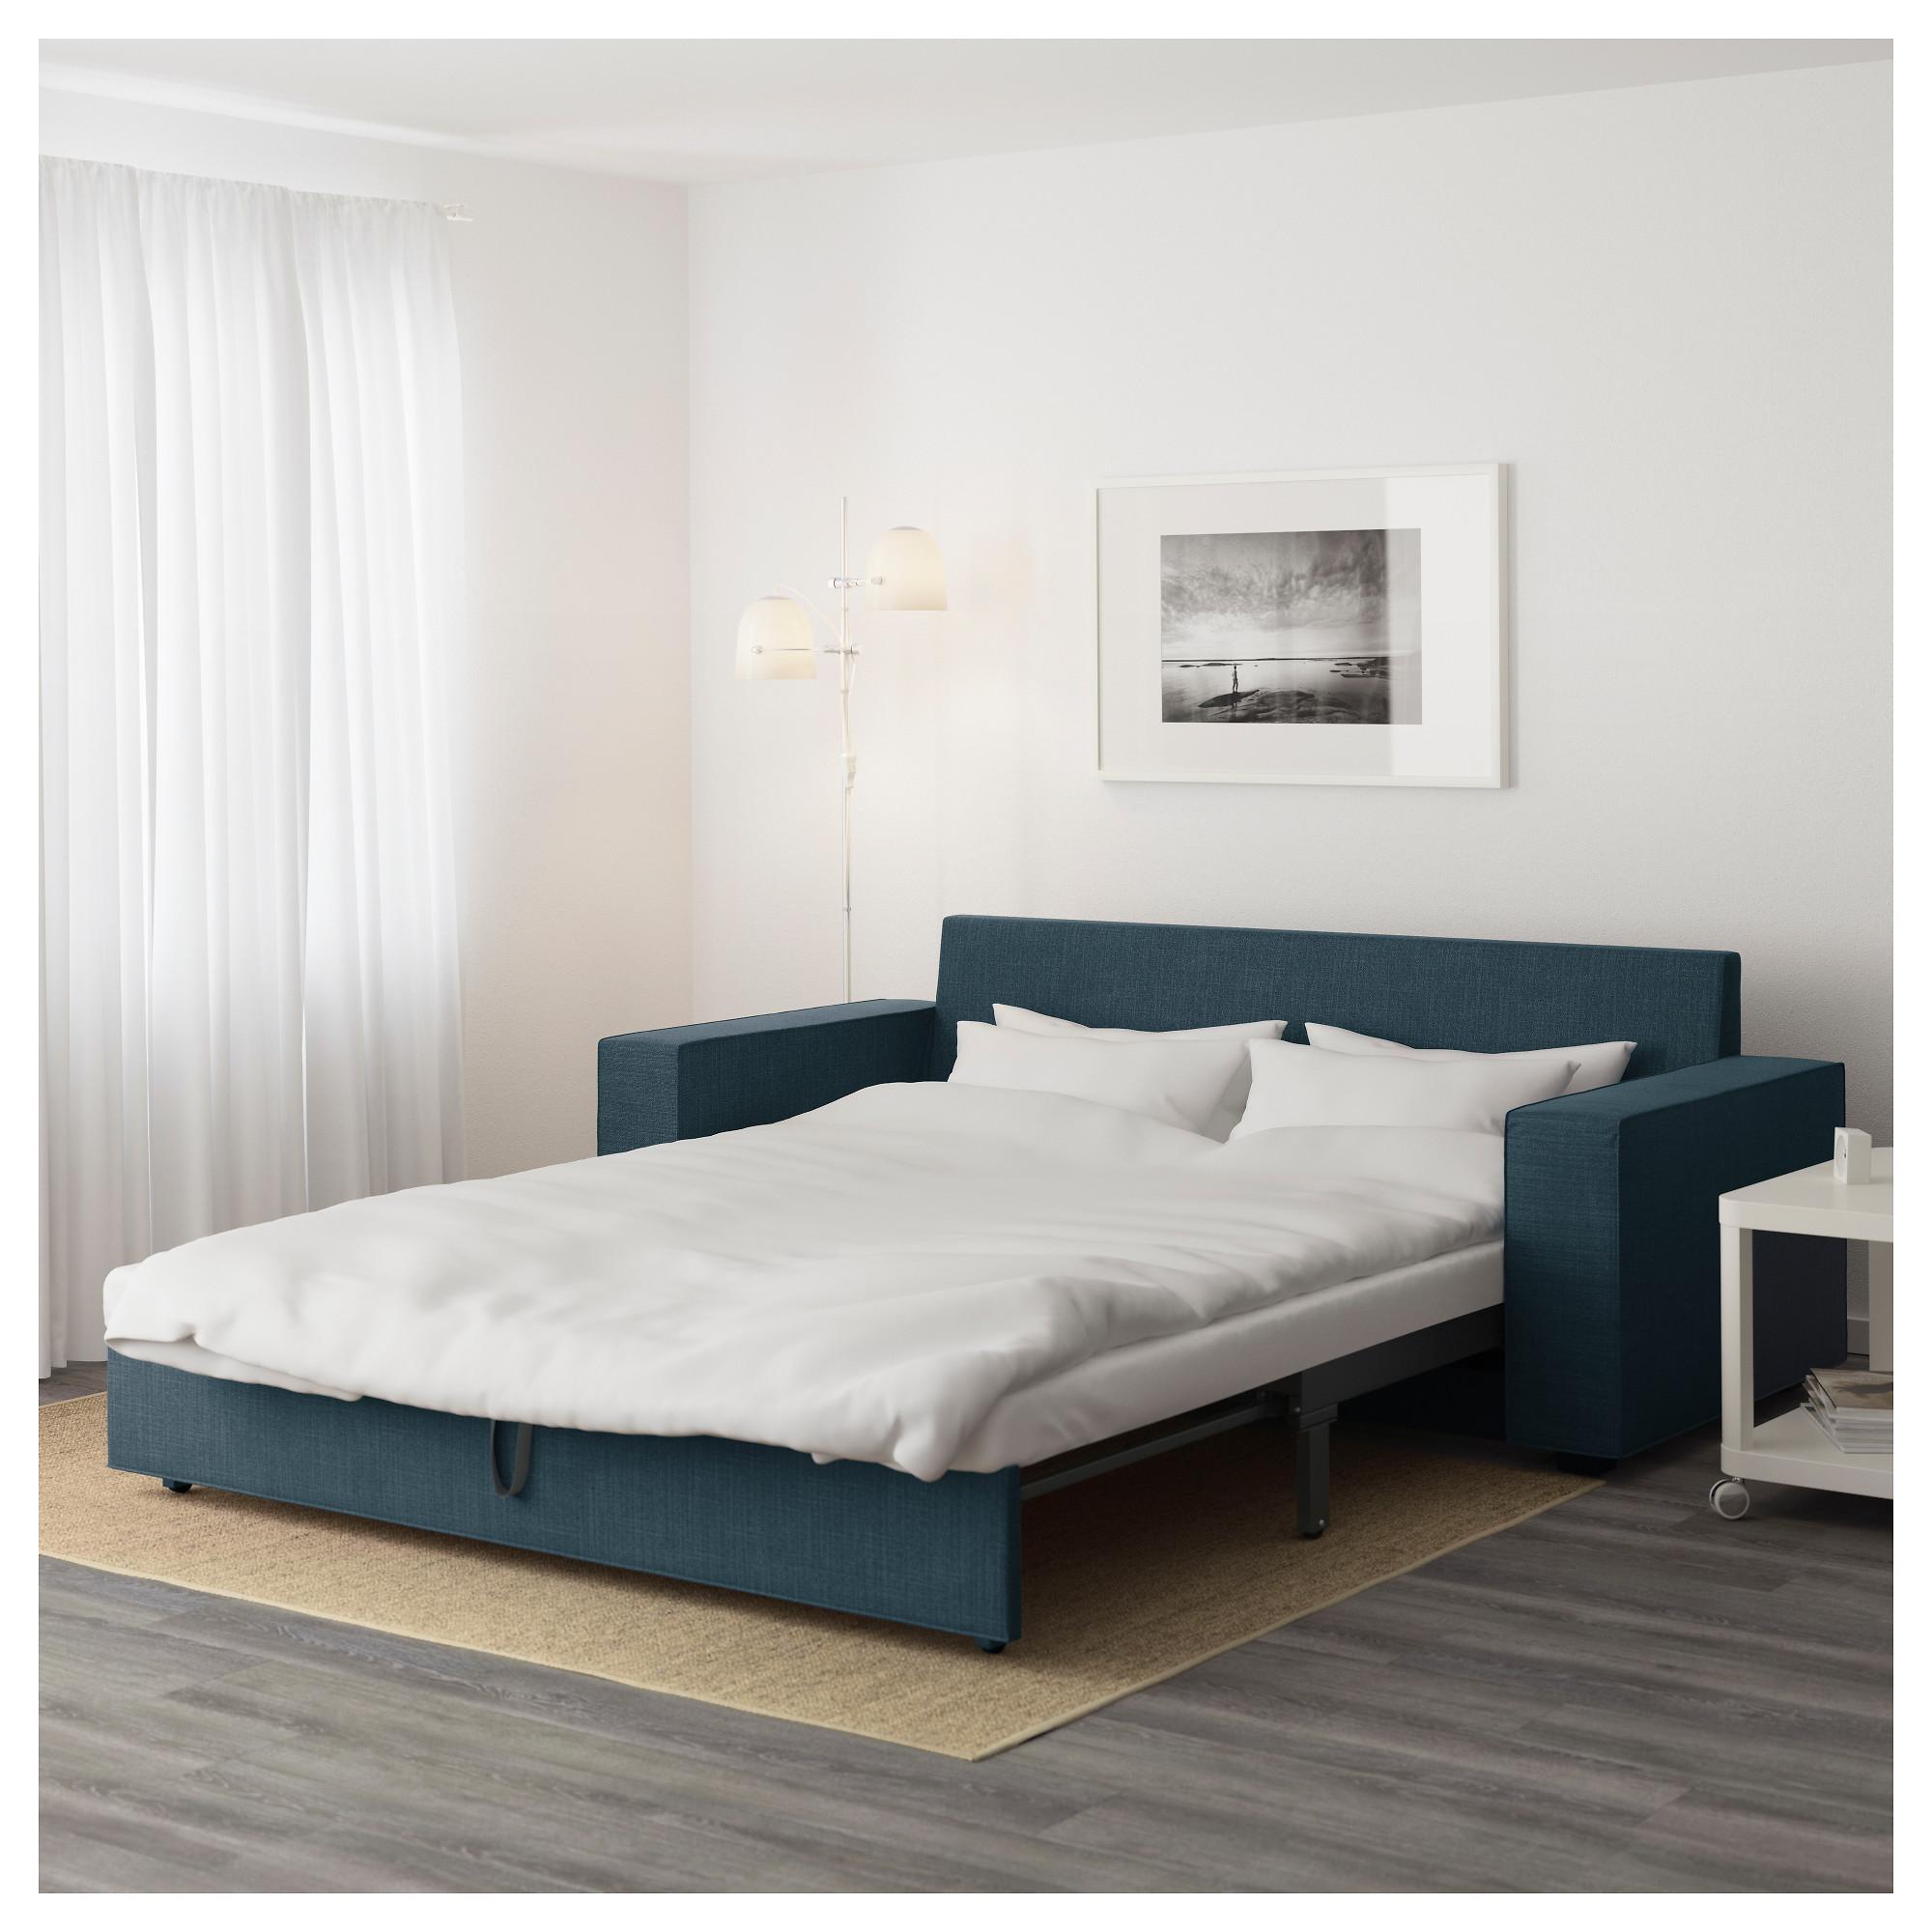 3-местный диван-кровать ВИЛАСУНД темно-синий артикуль № 792.825.01 в наличии. Онлайн каталог ИКЕА Минск. Недорогая доставка и установка.